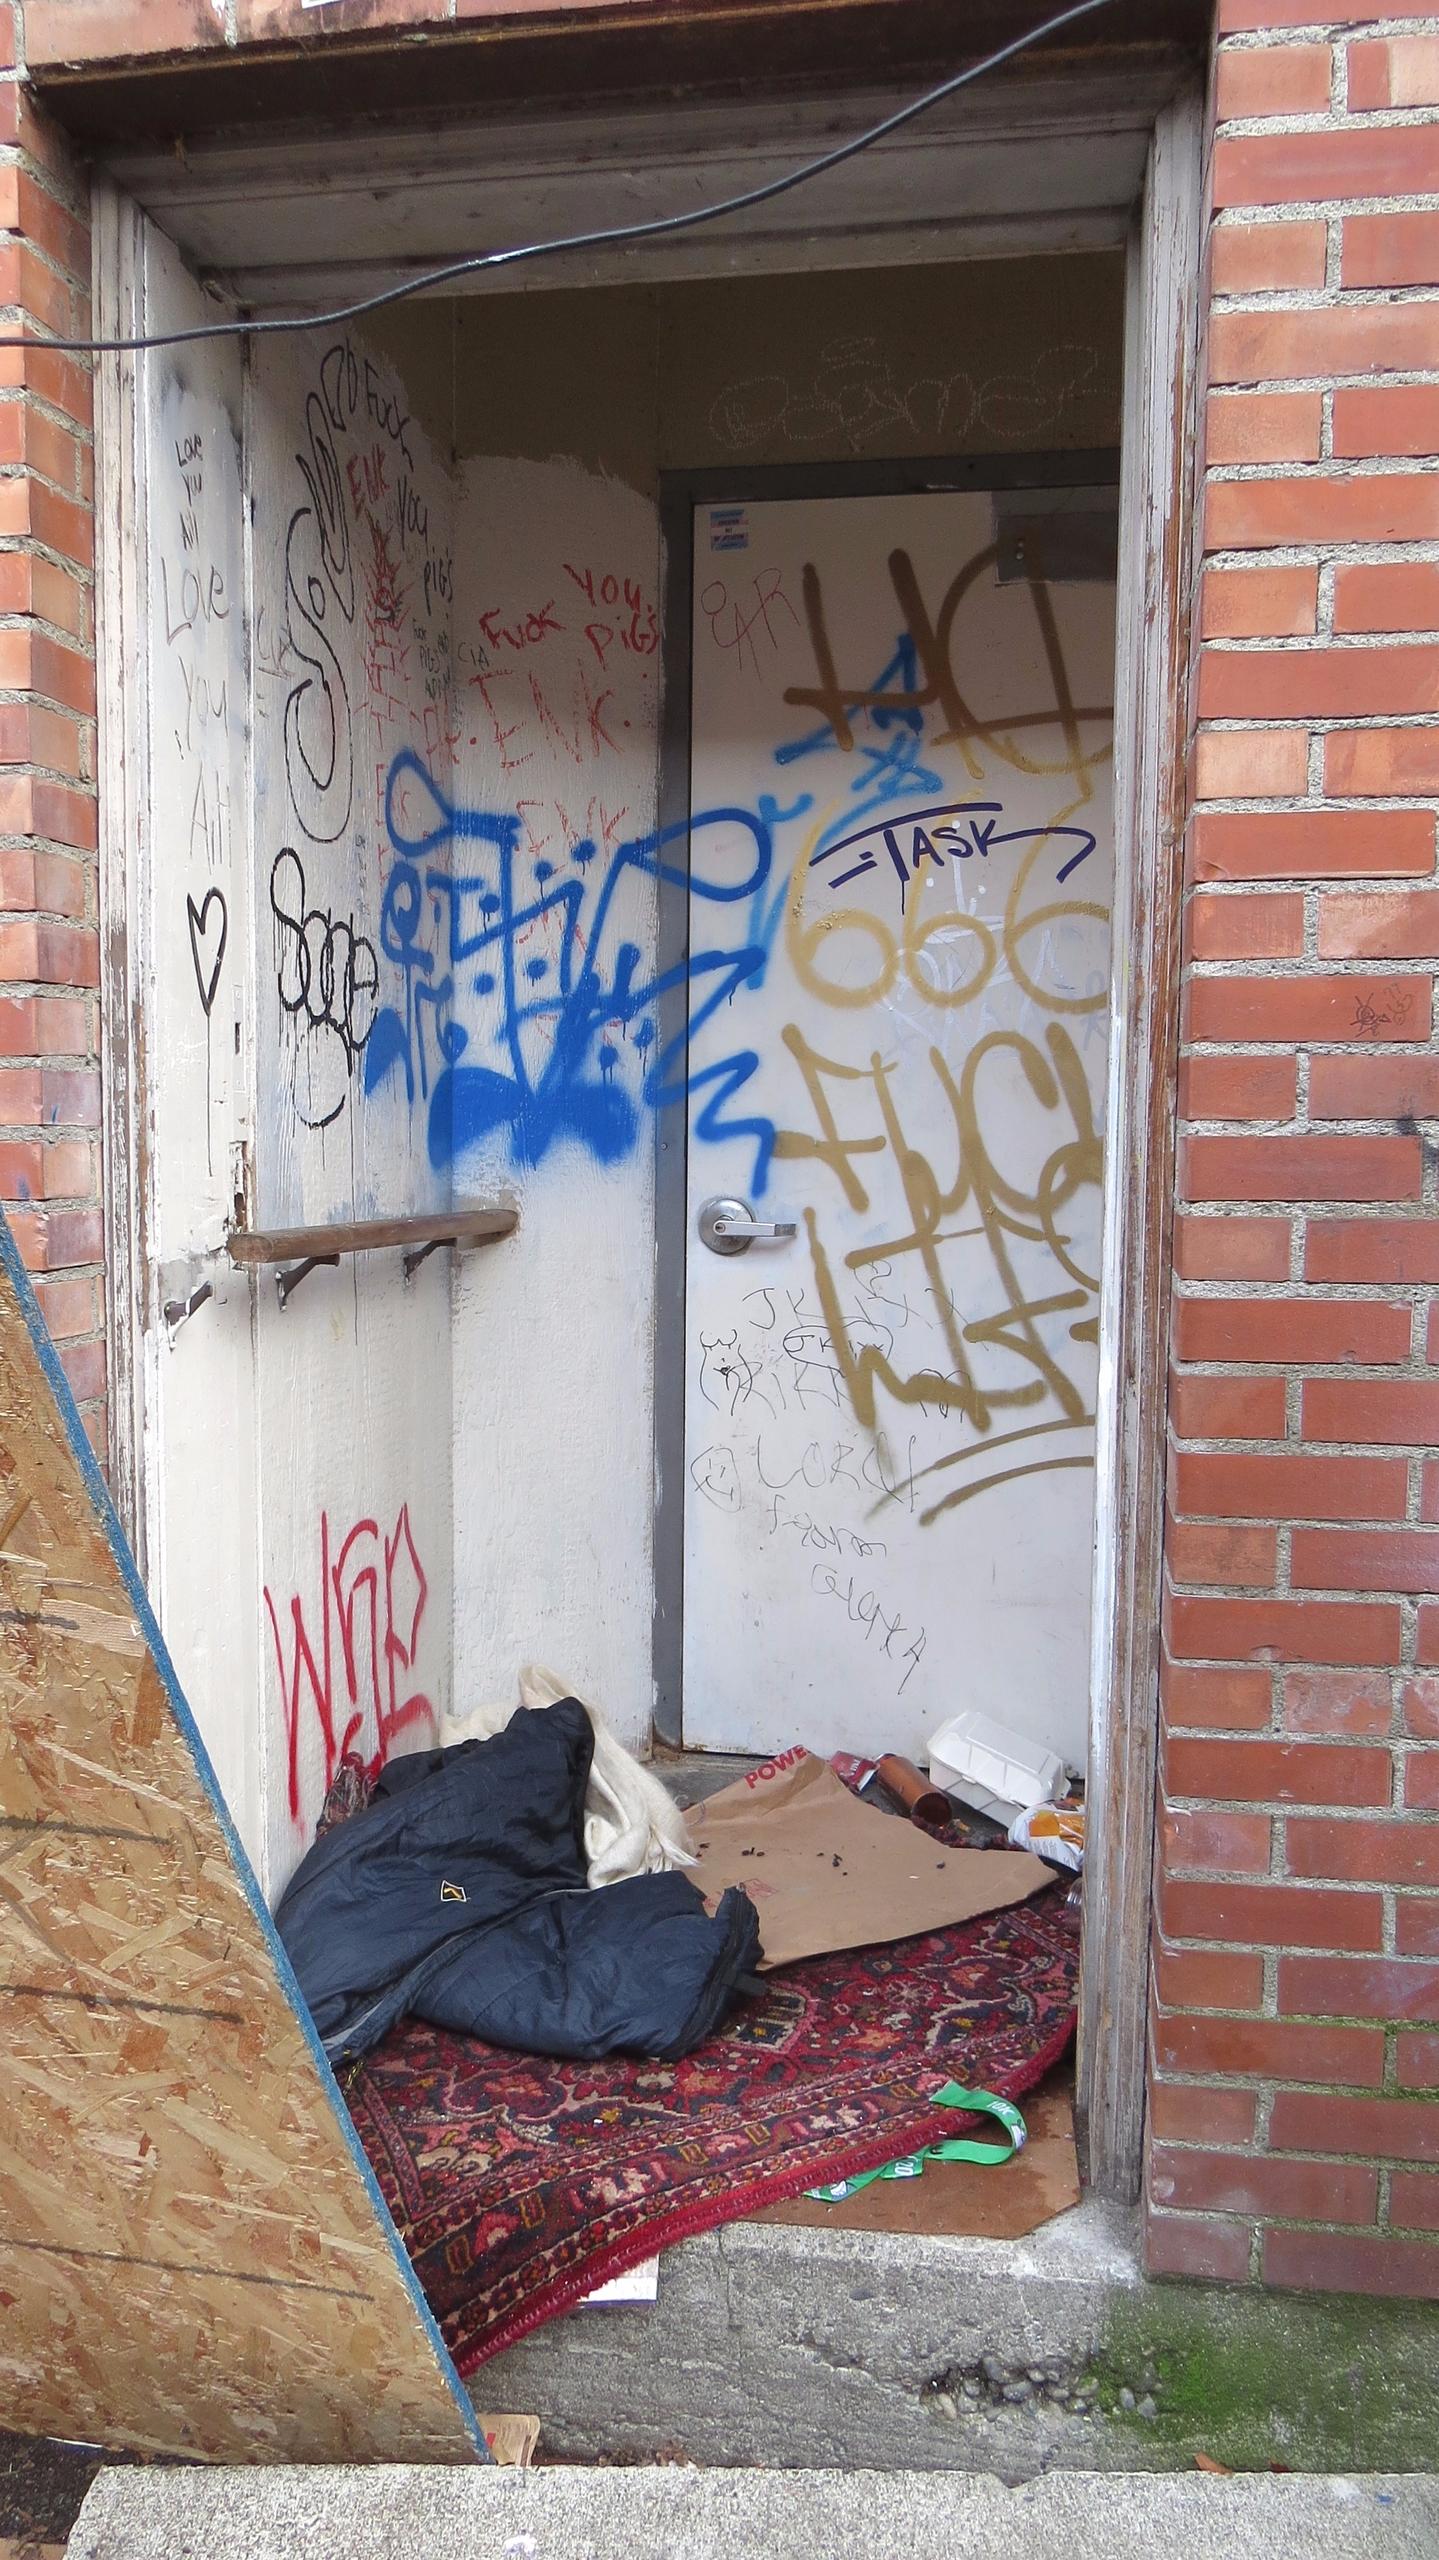 safe place sleep undisturbed. 2 - dave63 | ello